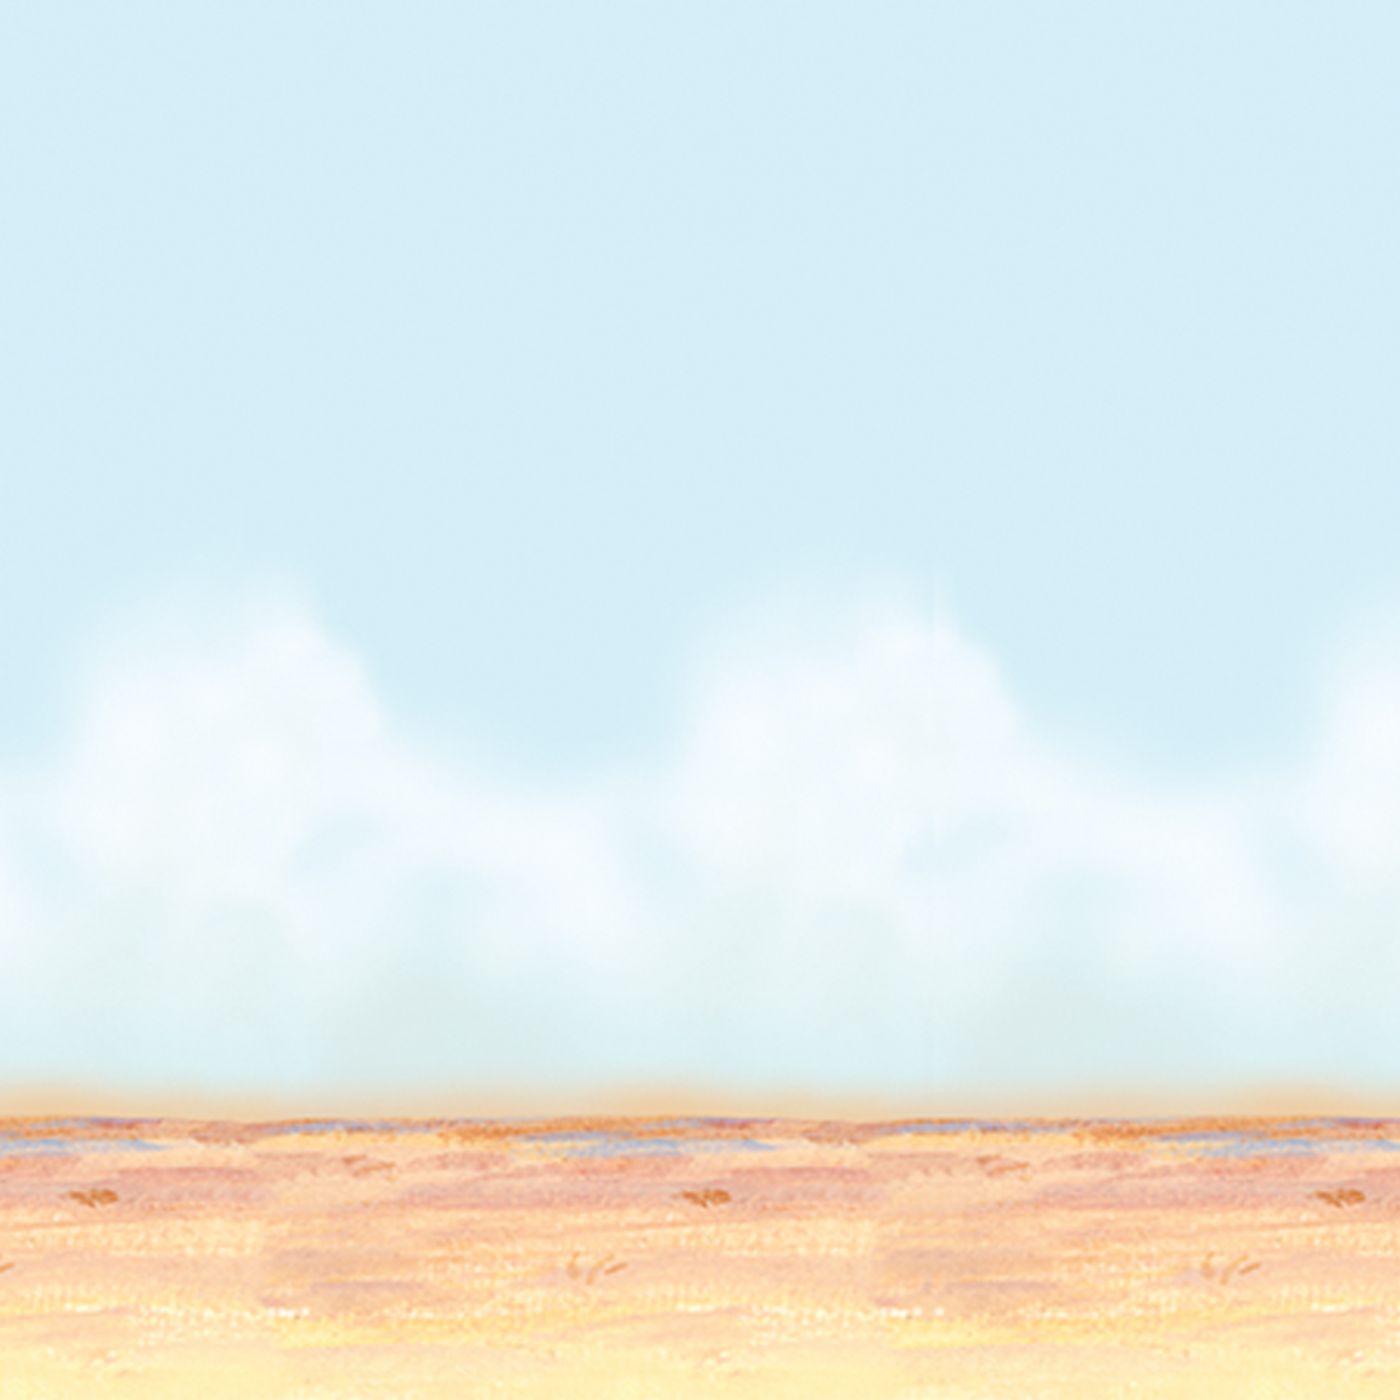 Desert Sky & Sand Backdrop (6) image